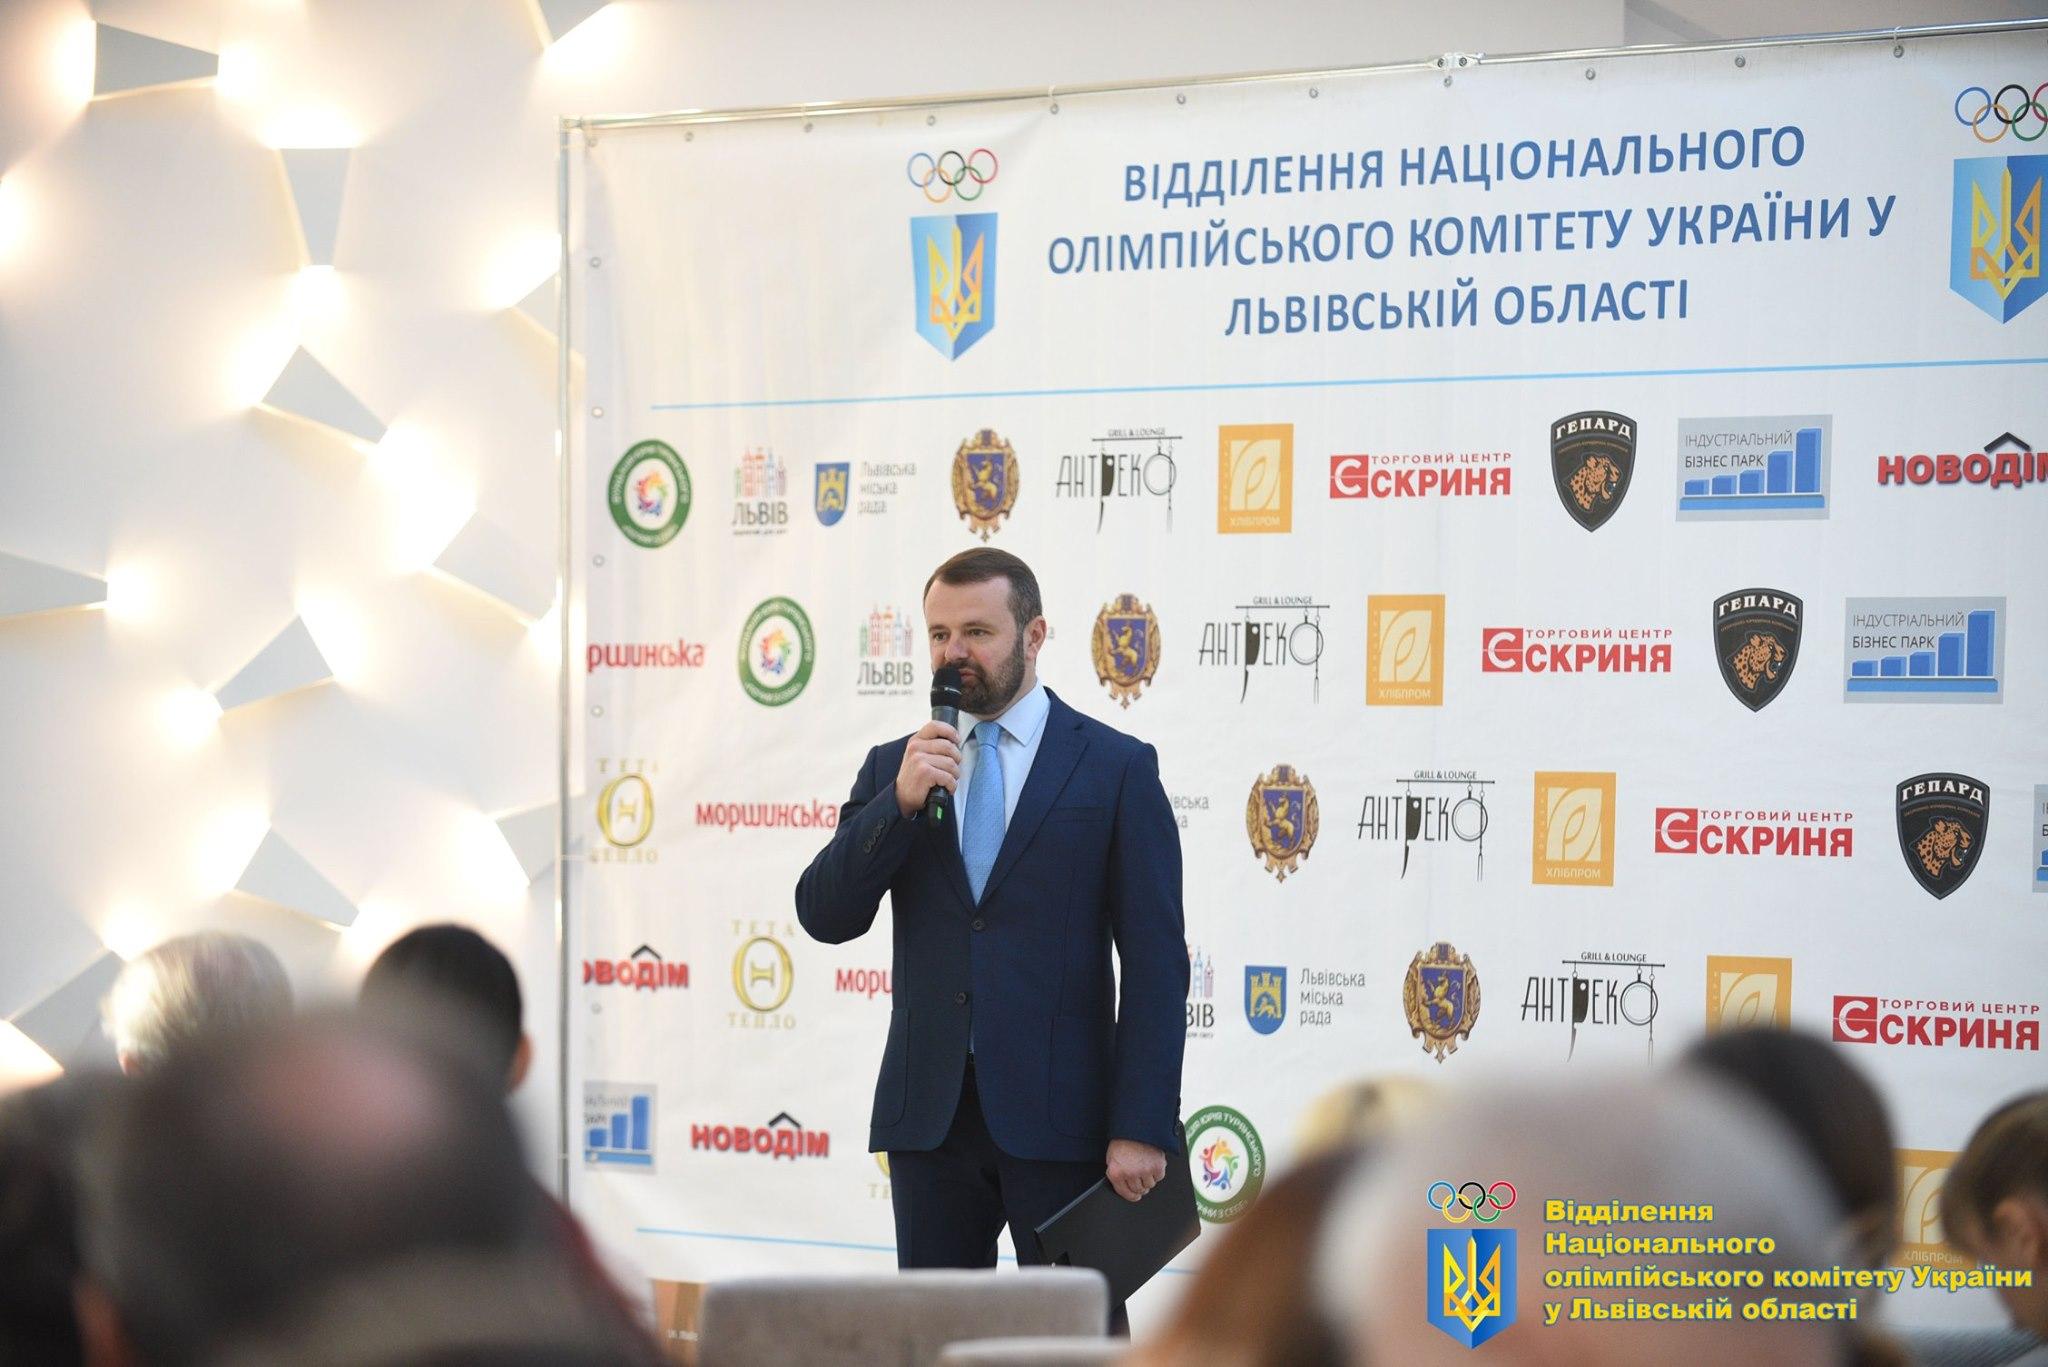 Олімпійські ігри з Юрієм Турянським. День 9-й. Є п'ята медаль для України!